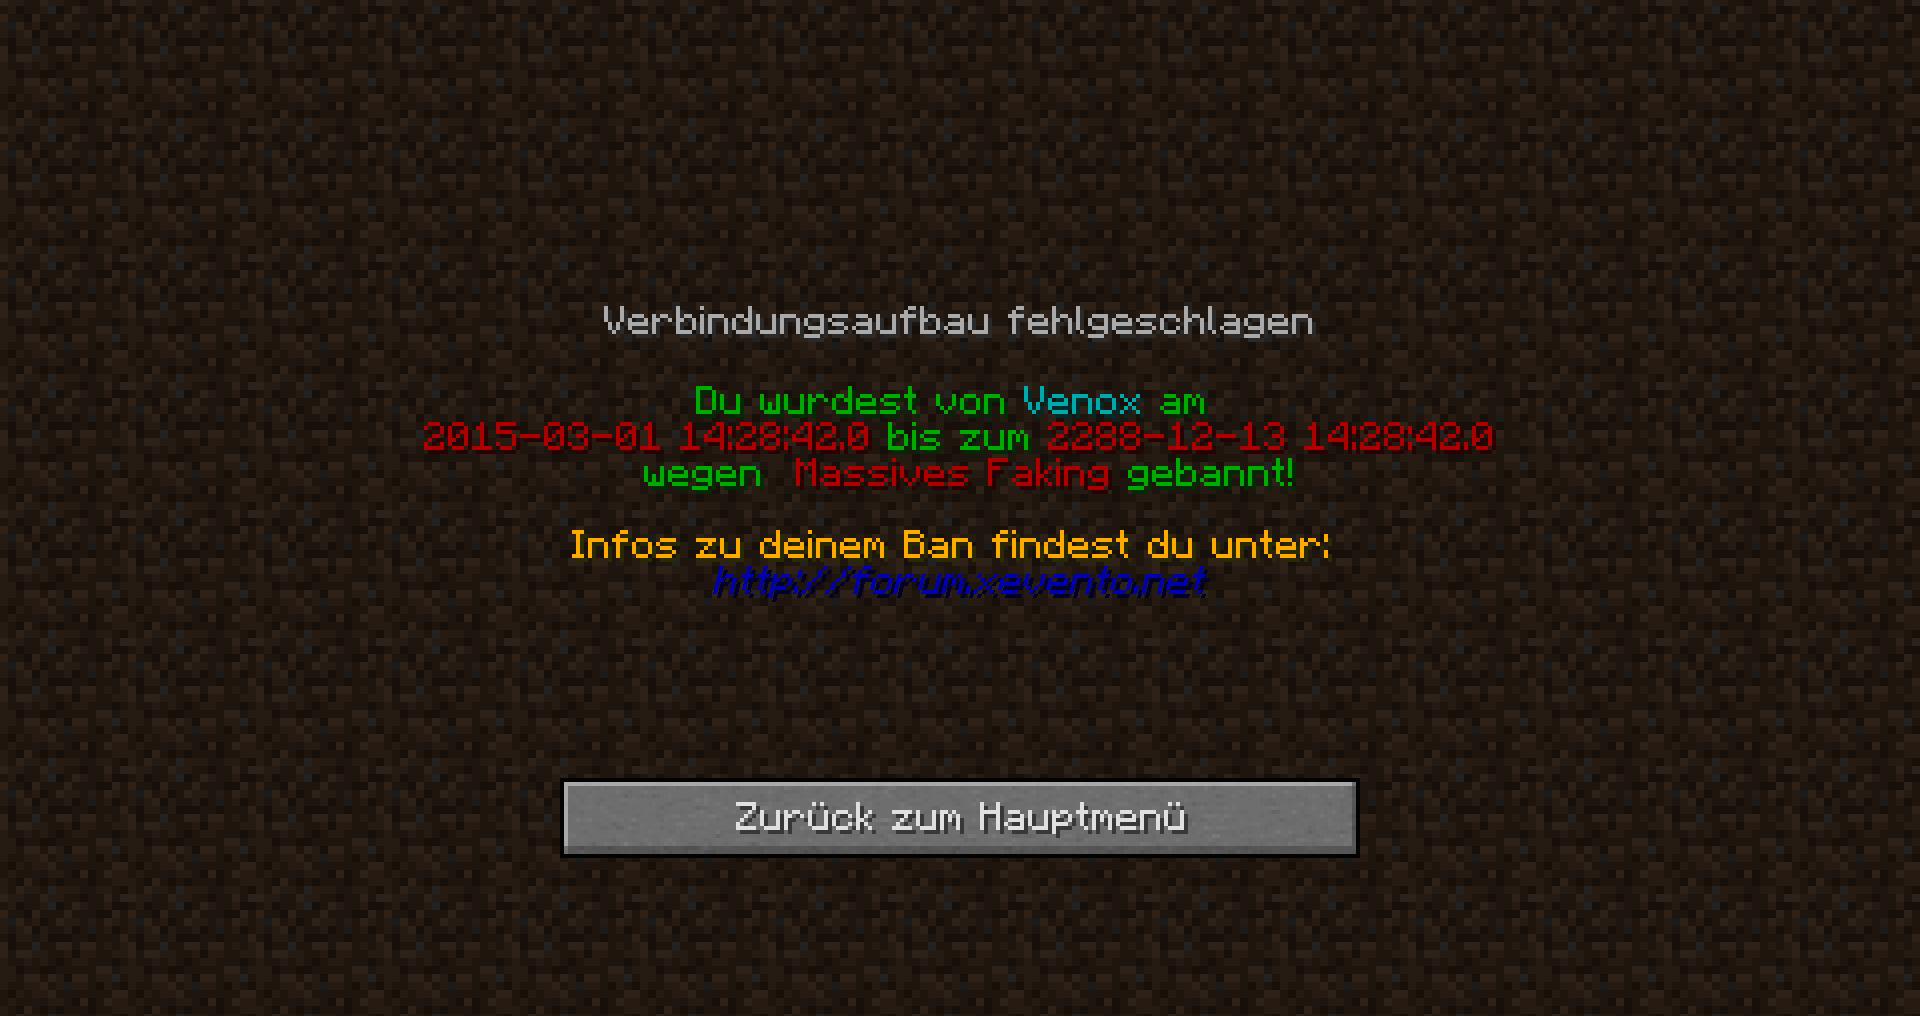 Unkrautvernichter-shop.de - Best Similar Sites ...